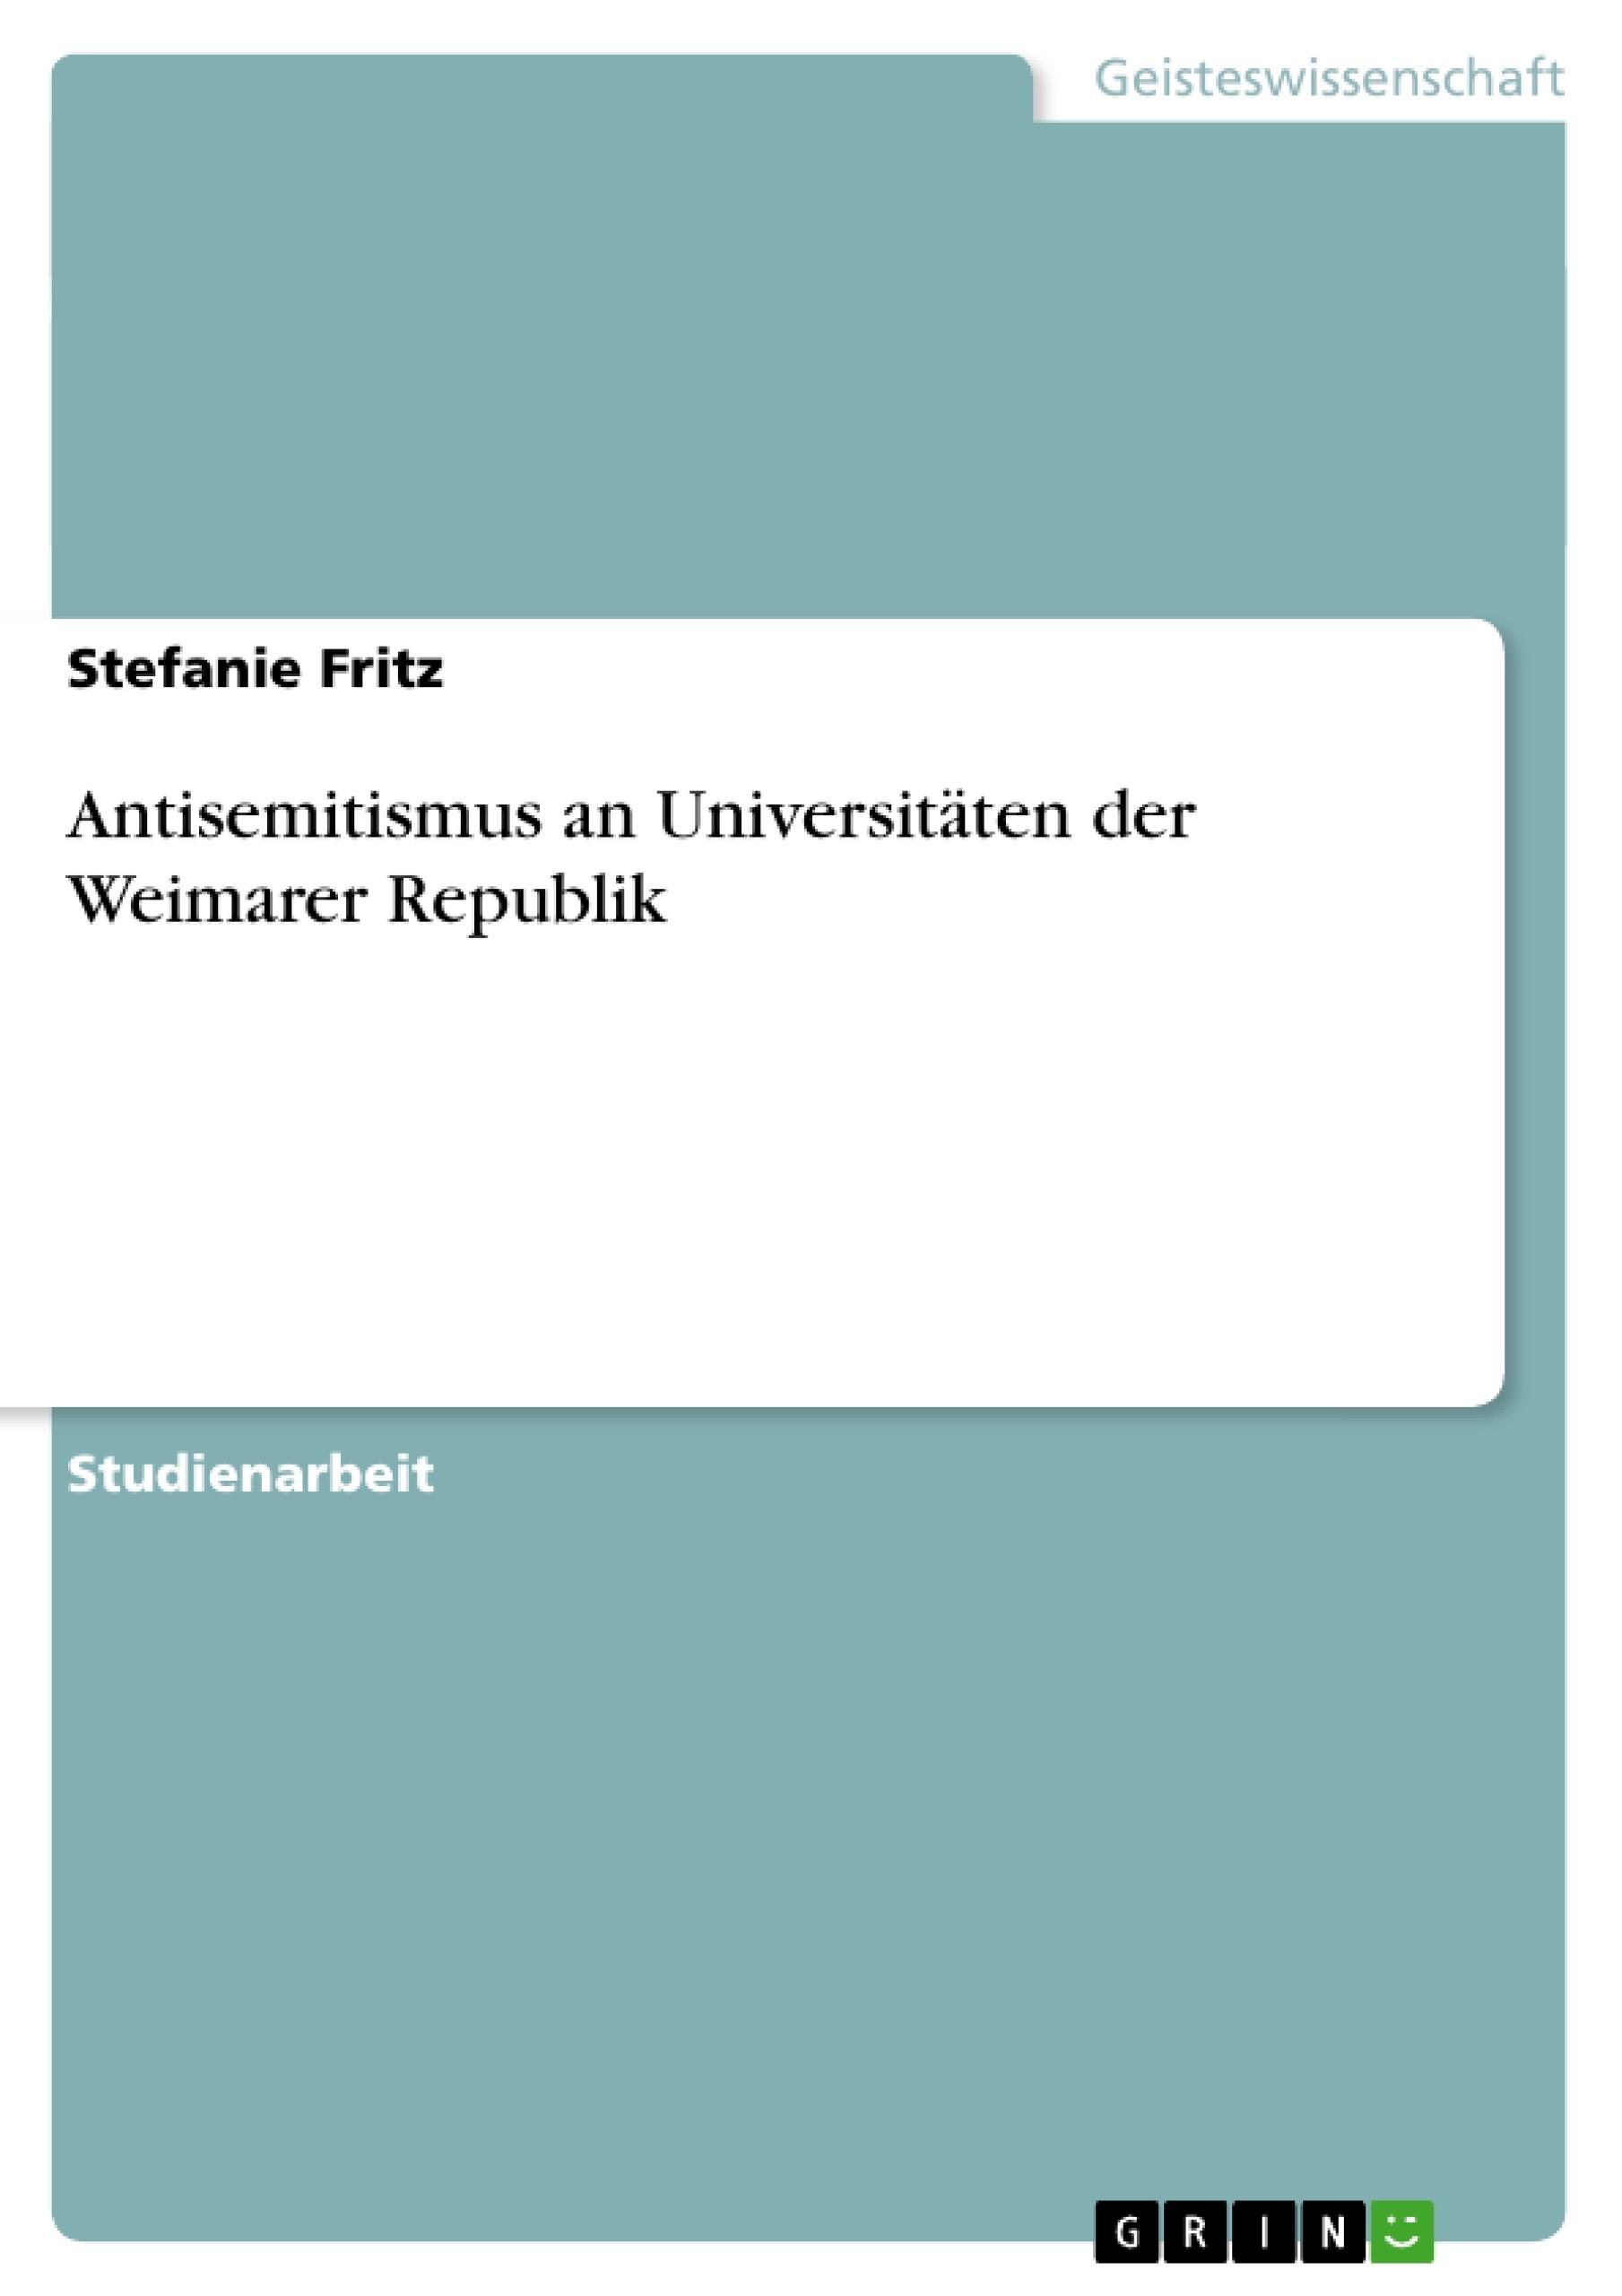 Titel: Antisemitismus an Universitäten der Weimarer Republik